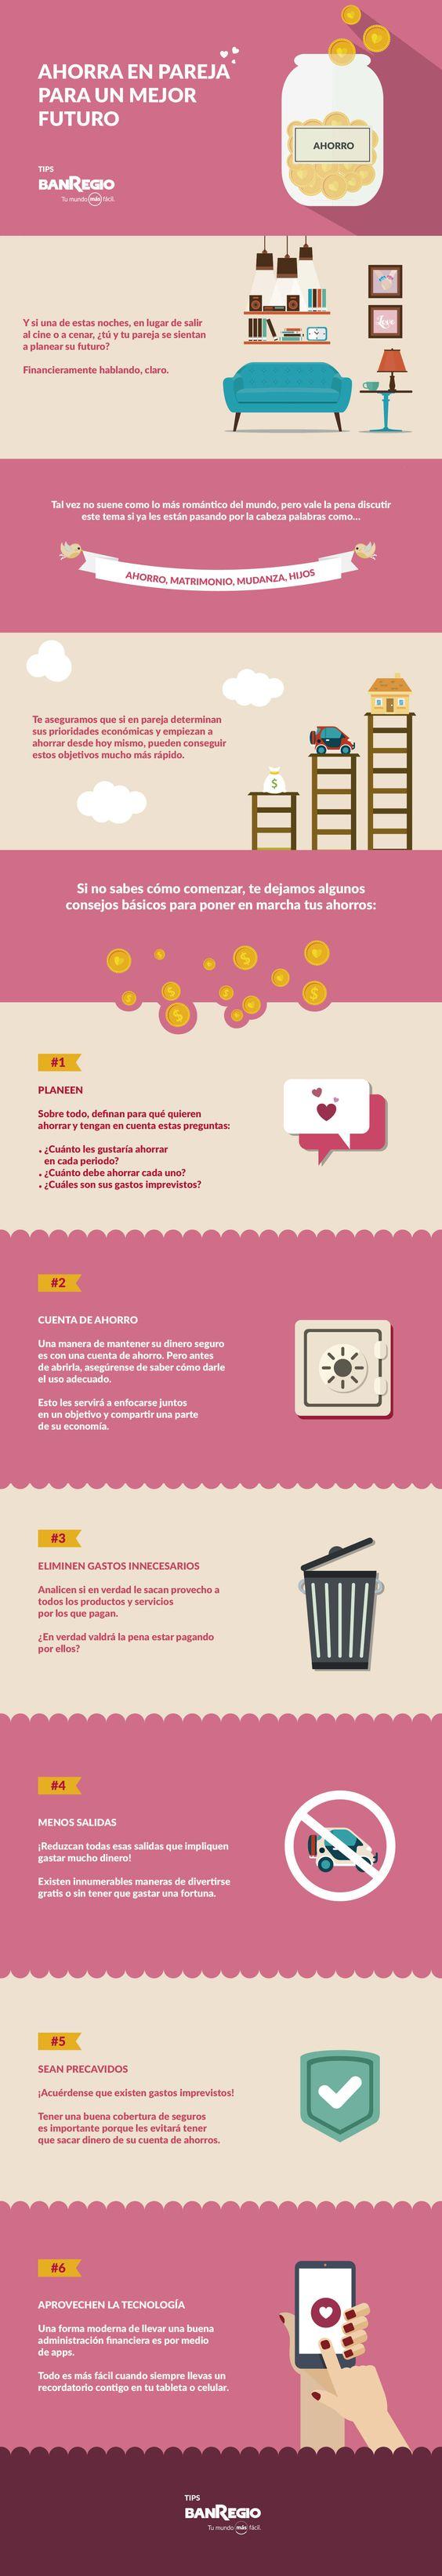 Ahorro, mudanza, viajes, matrimonio, hijos, ahorrar en pareja, pareja, novios, tips de pareja, novia, novio, consejos de infografico, ilustracion, iconos, infografia, infografias, vida en pareja